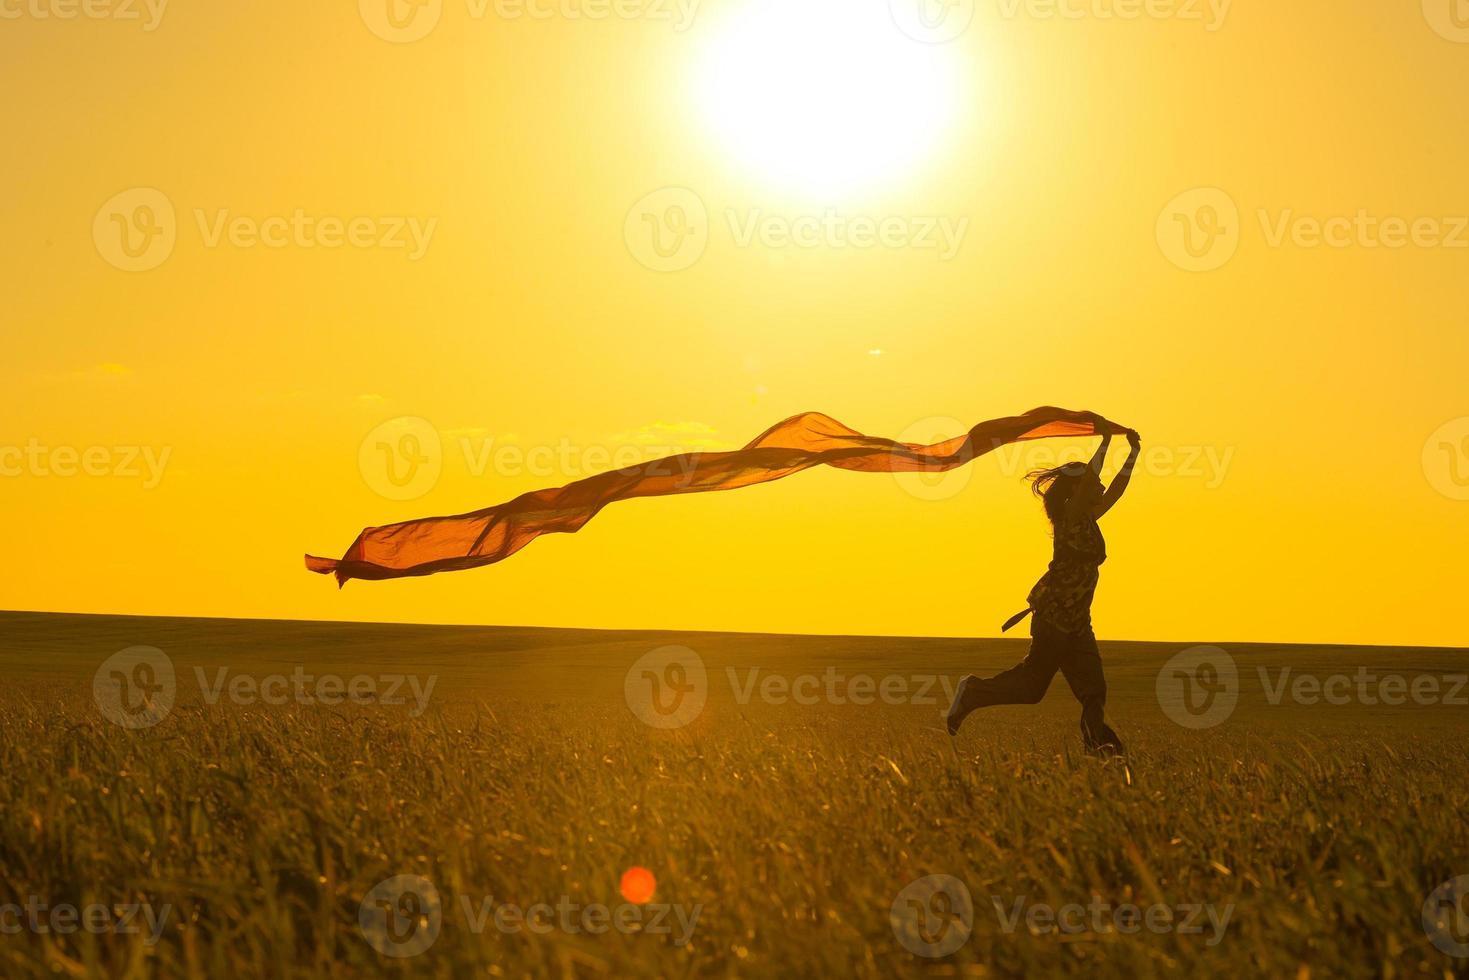 jovem mulher correndo em uma estrada rural ao pôr do sol em foto